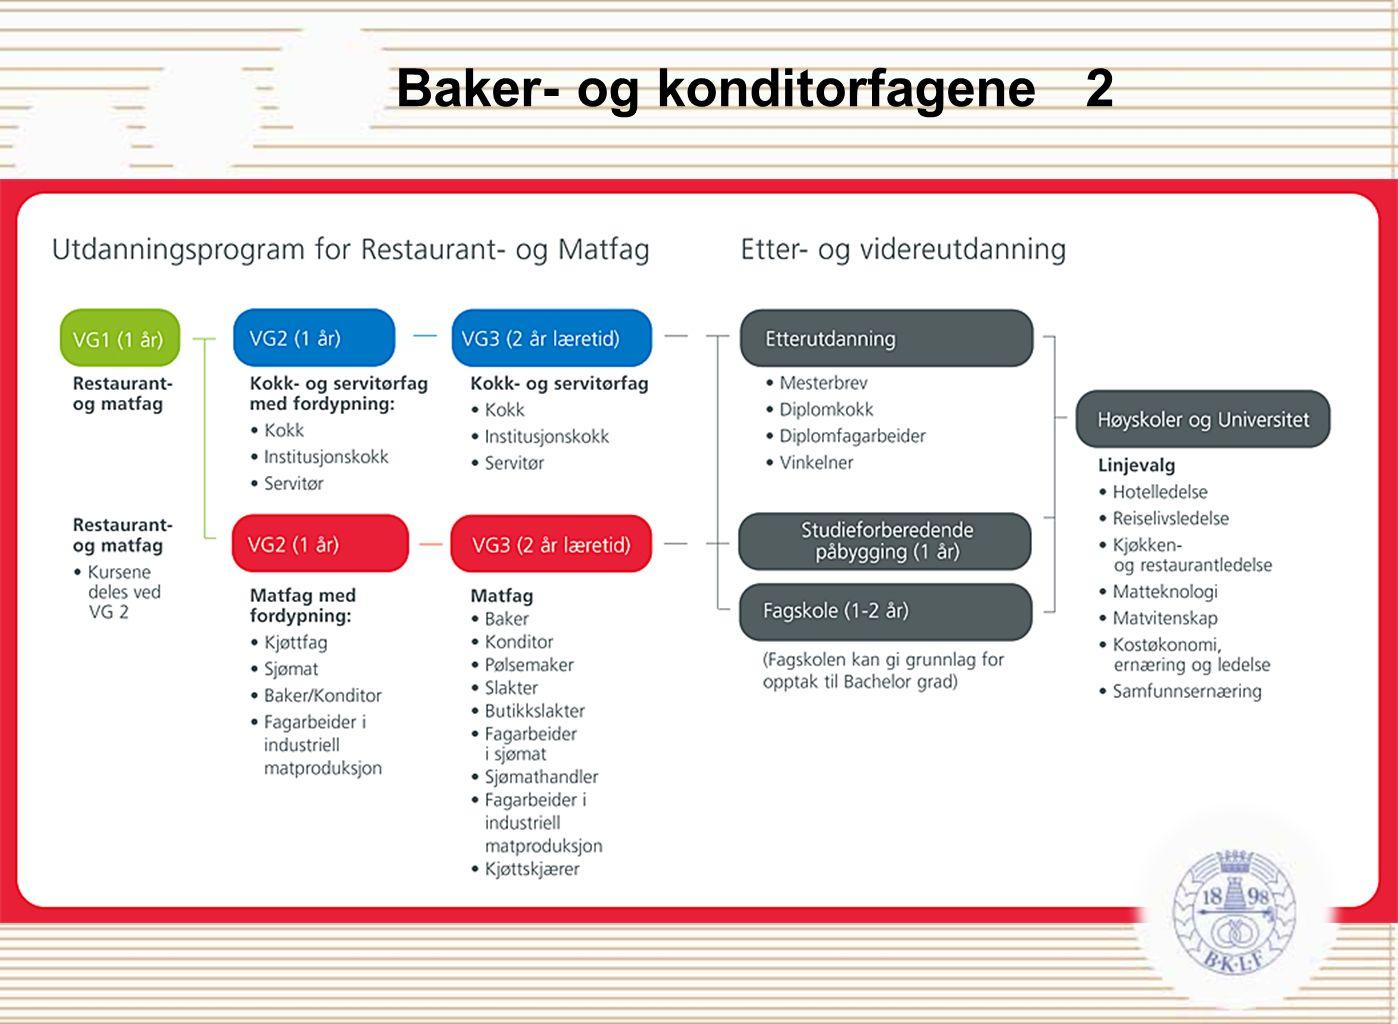 Baker- og konditorfagene 2